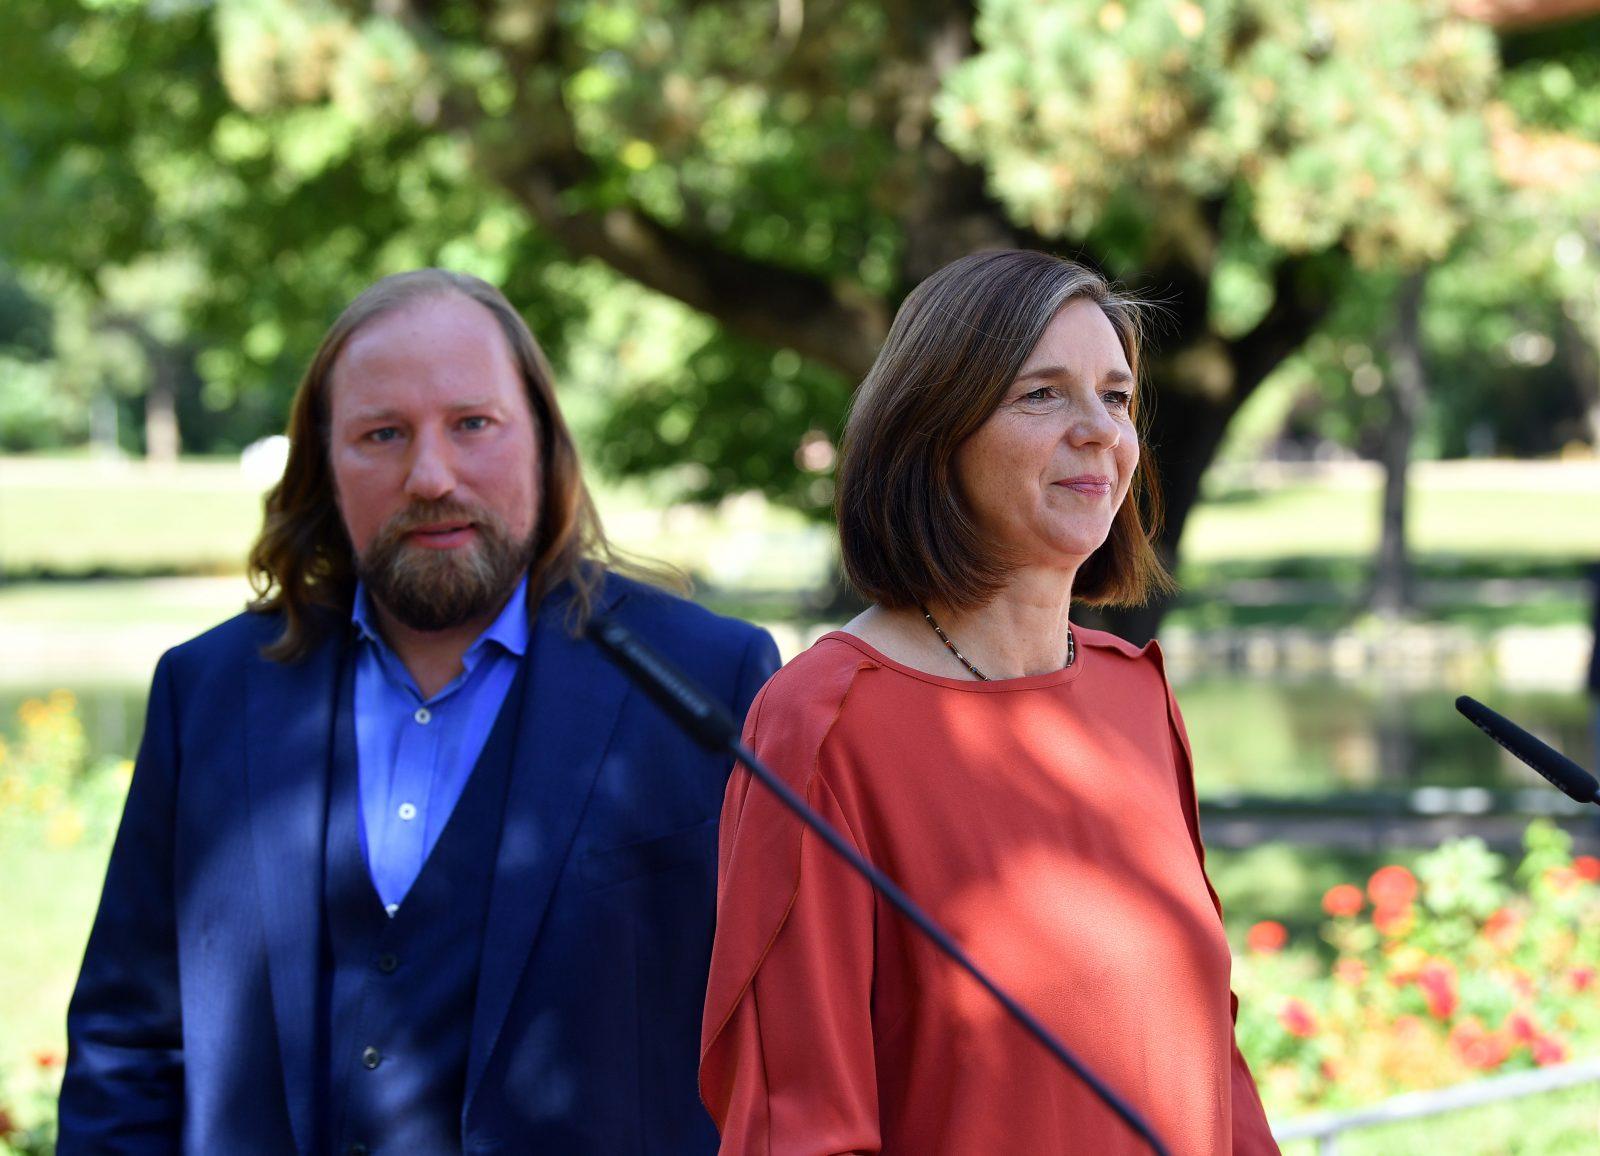 Die Vorsitzenden der Grünen-Bundestagsfraktion, Katrin Göring-Eckardt und Anton Hofreiter Foto: picture alliance/Martin Schutt/dpa-Zentralbild/dpa